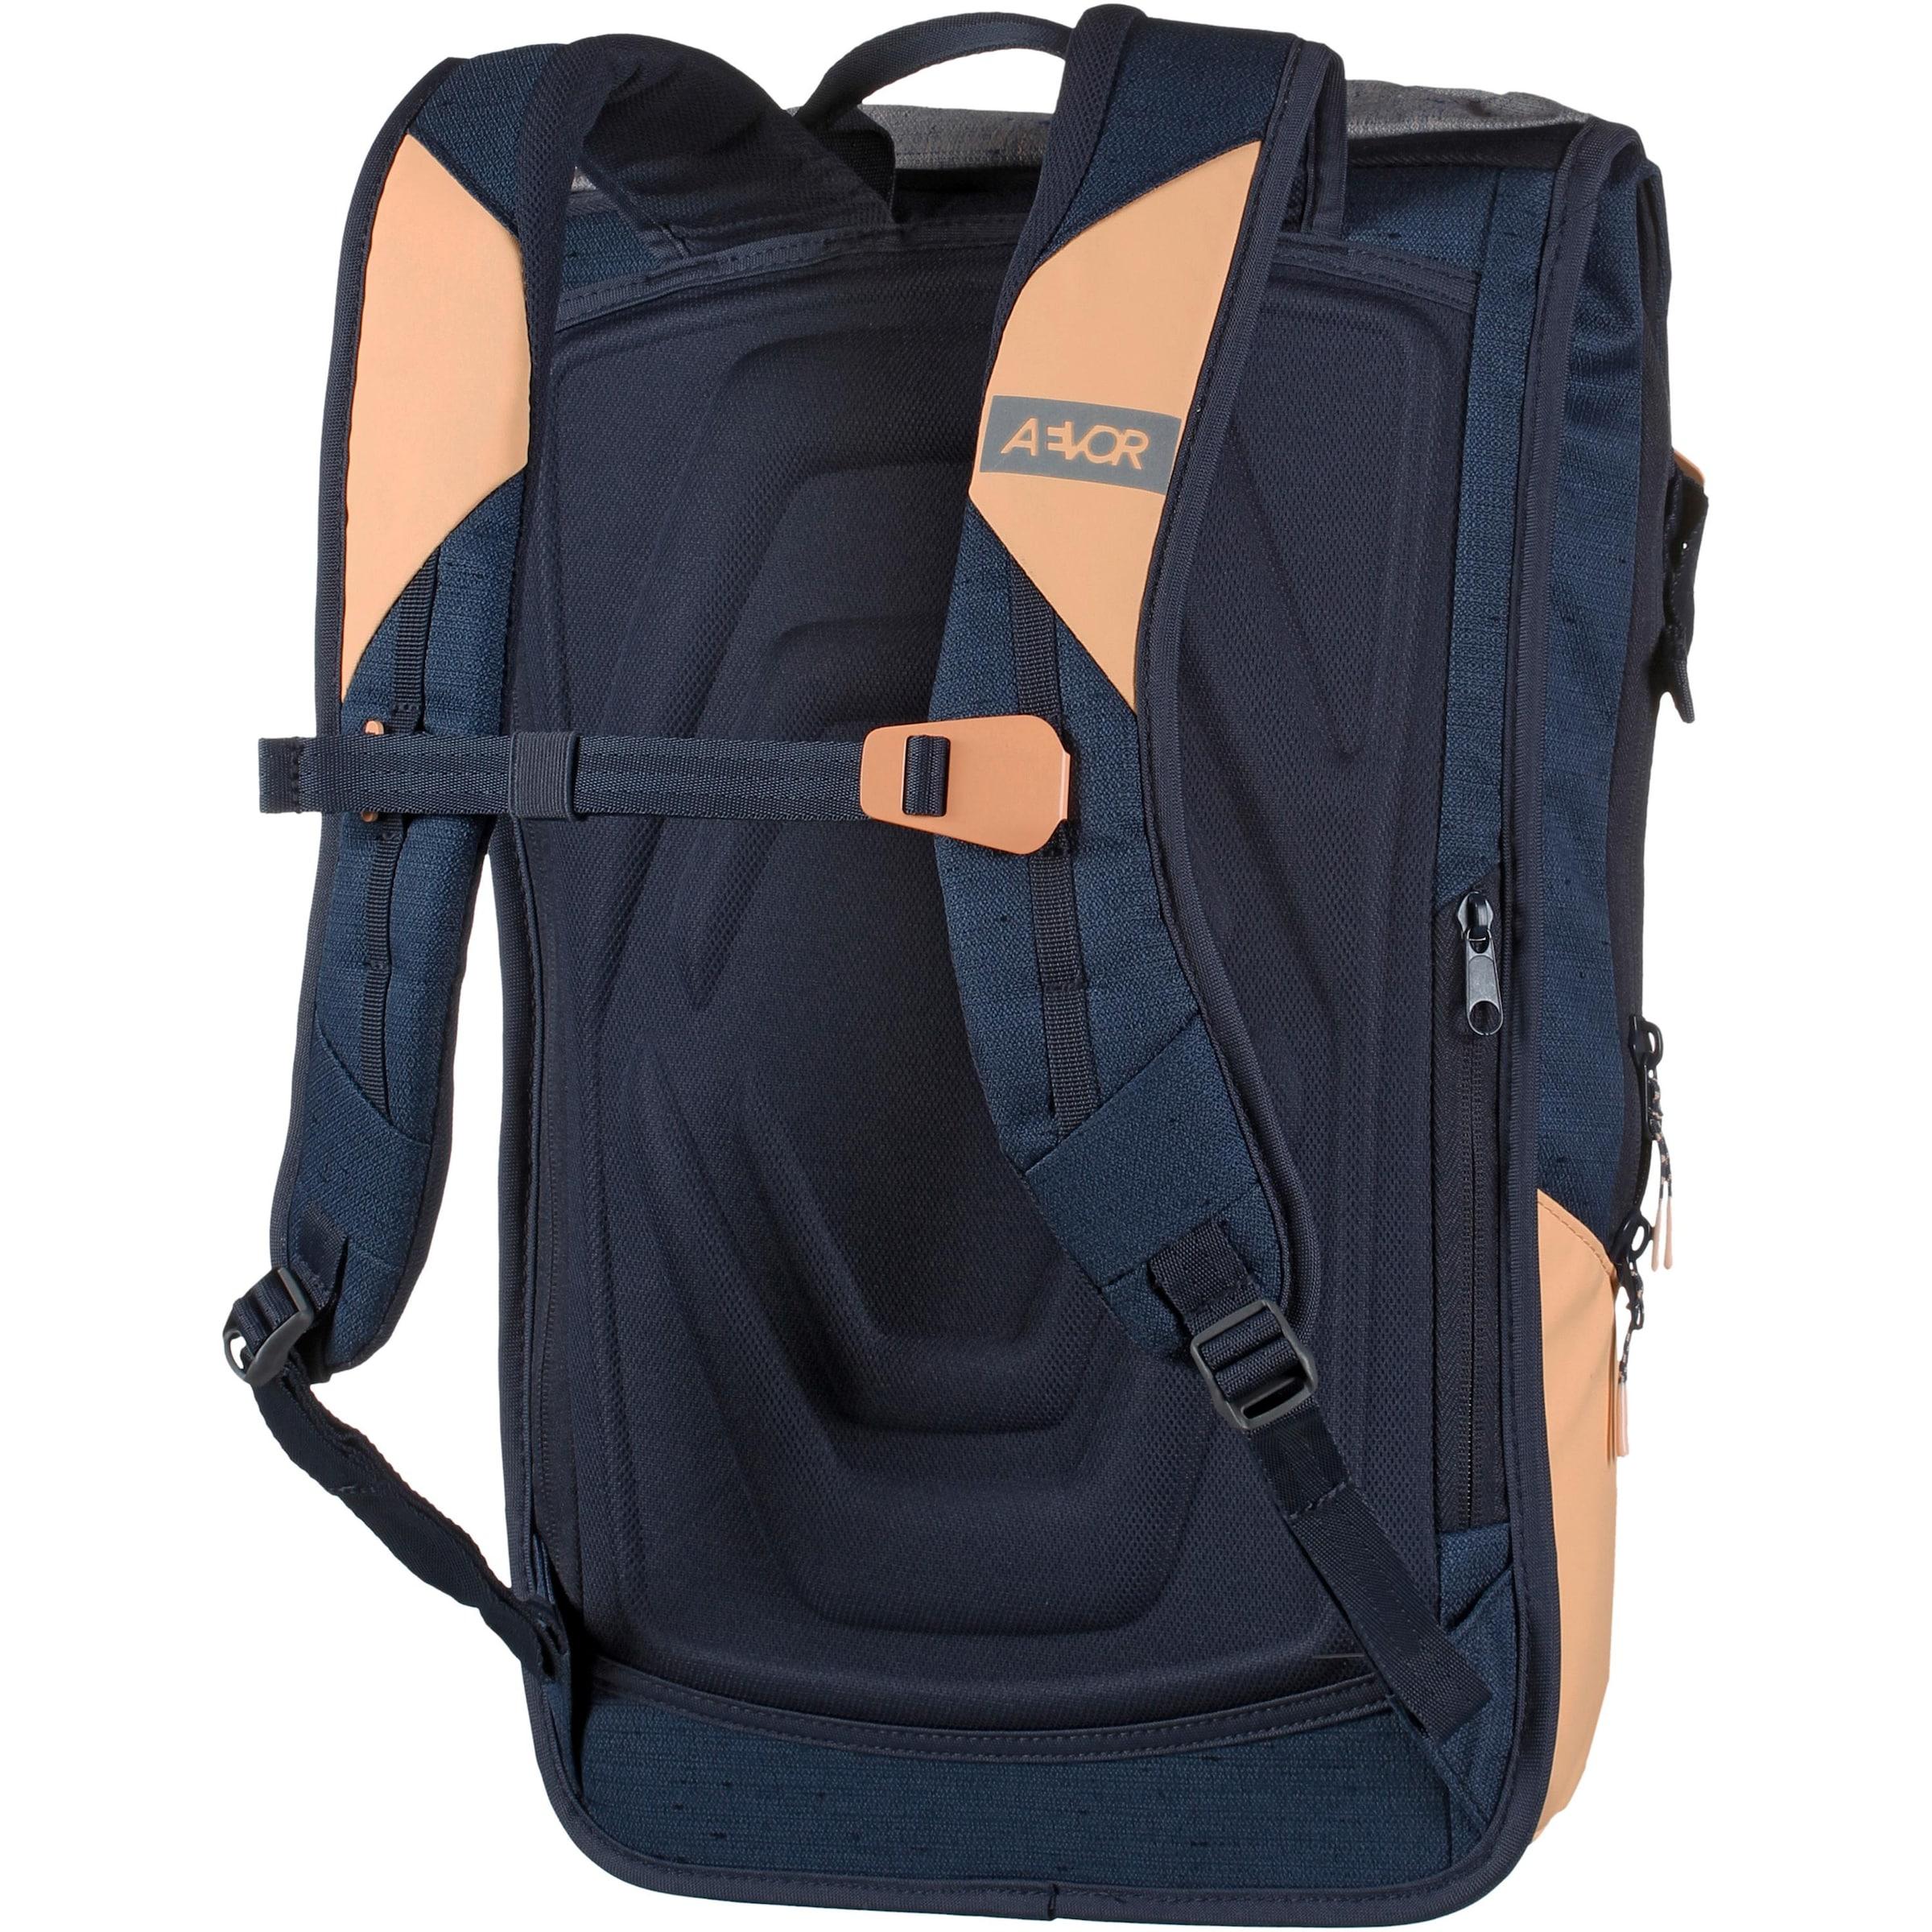 Für Schön AEVOR Daypack Günstig Kaufen Gefälschte Rabatt Neue Stile kwzHWuPn